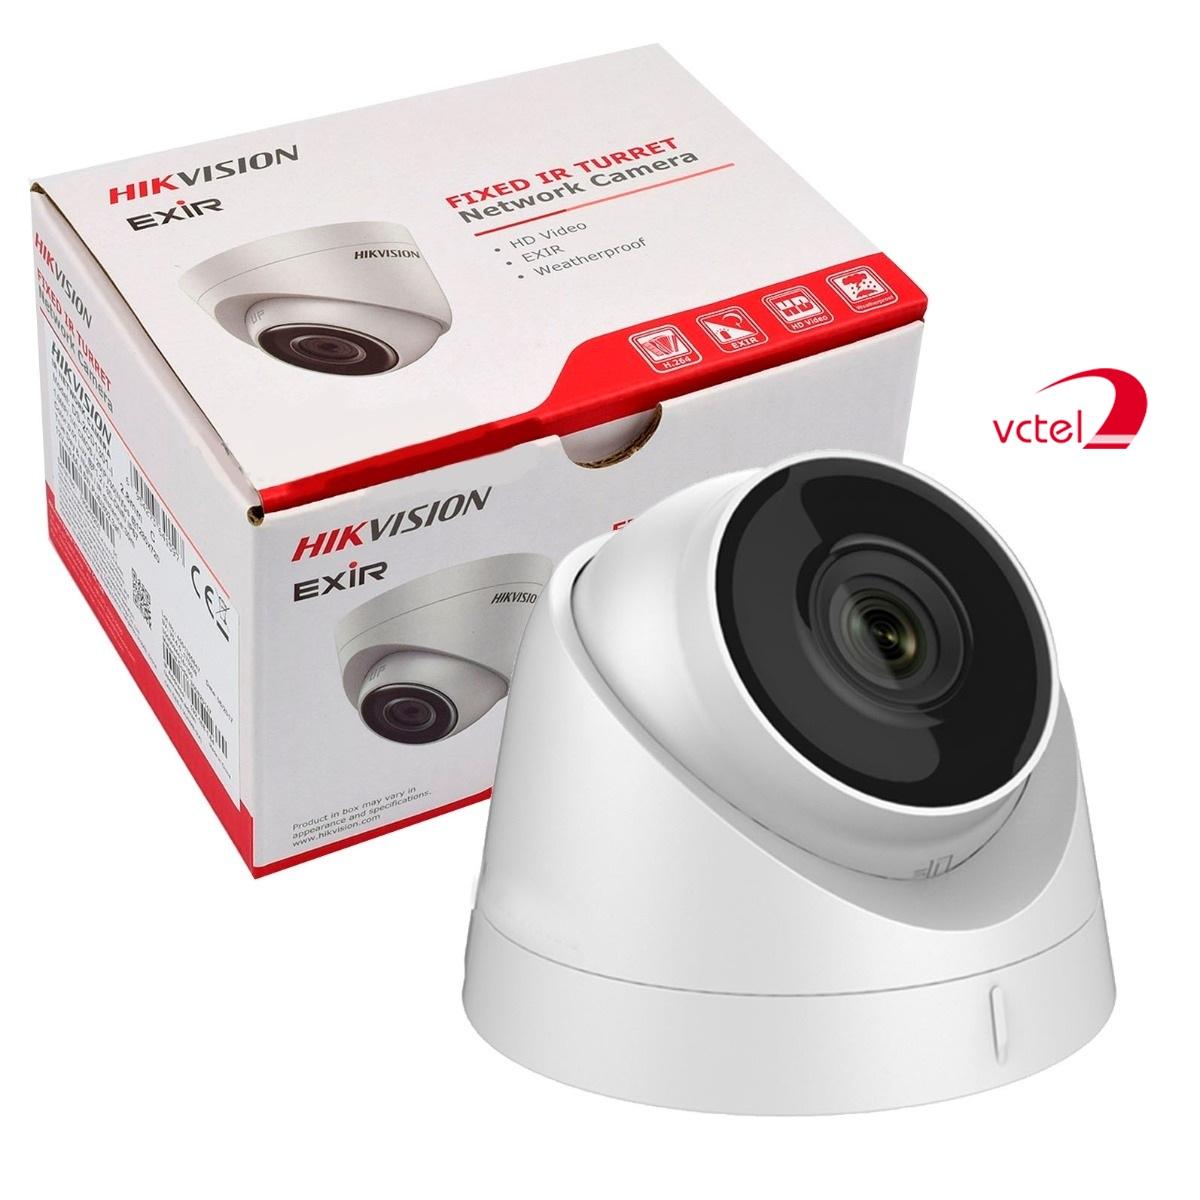 Camera IP hồng ngoại Hikvision DS-2CD1321-I hình ảnh HD vctel